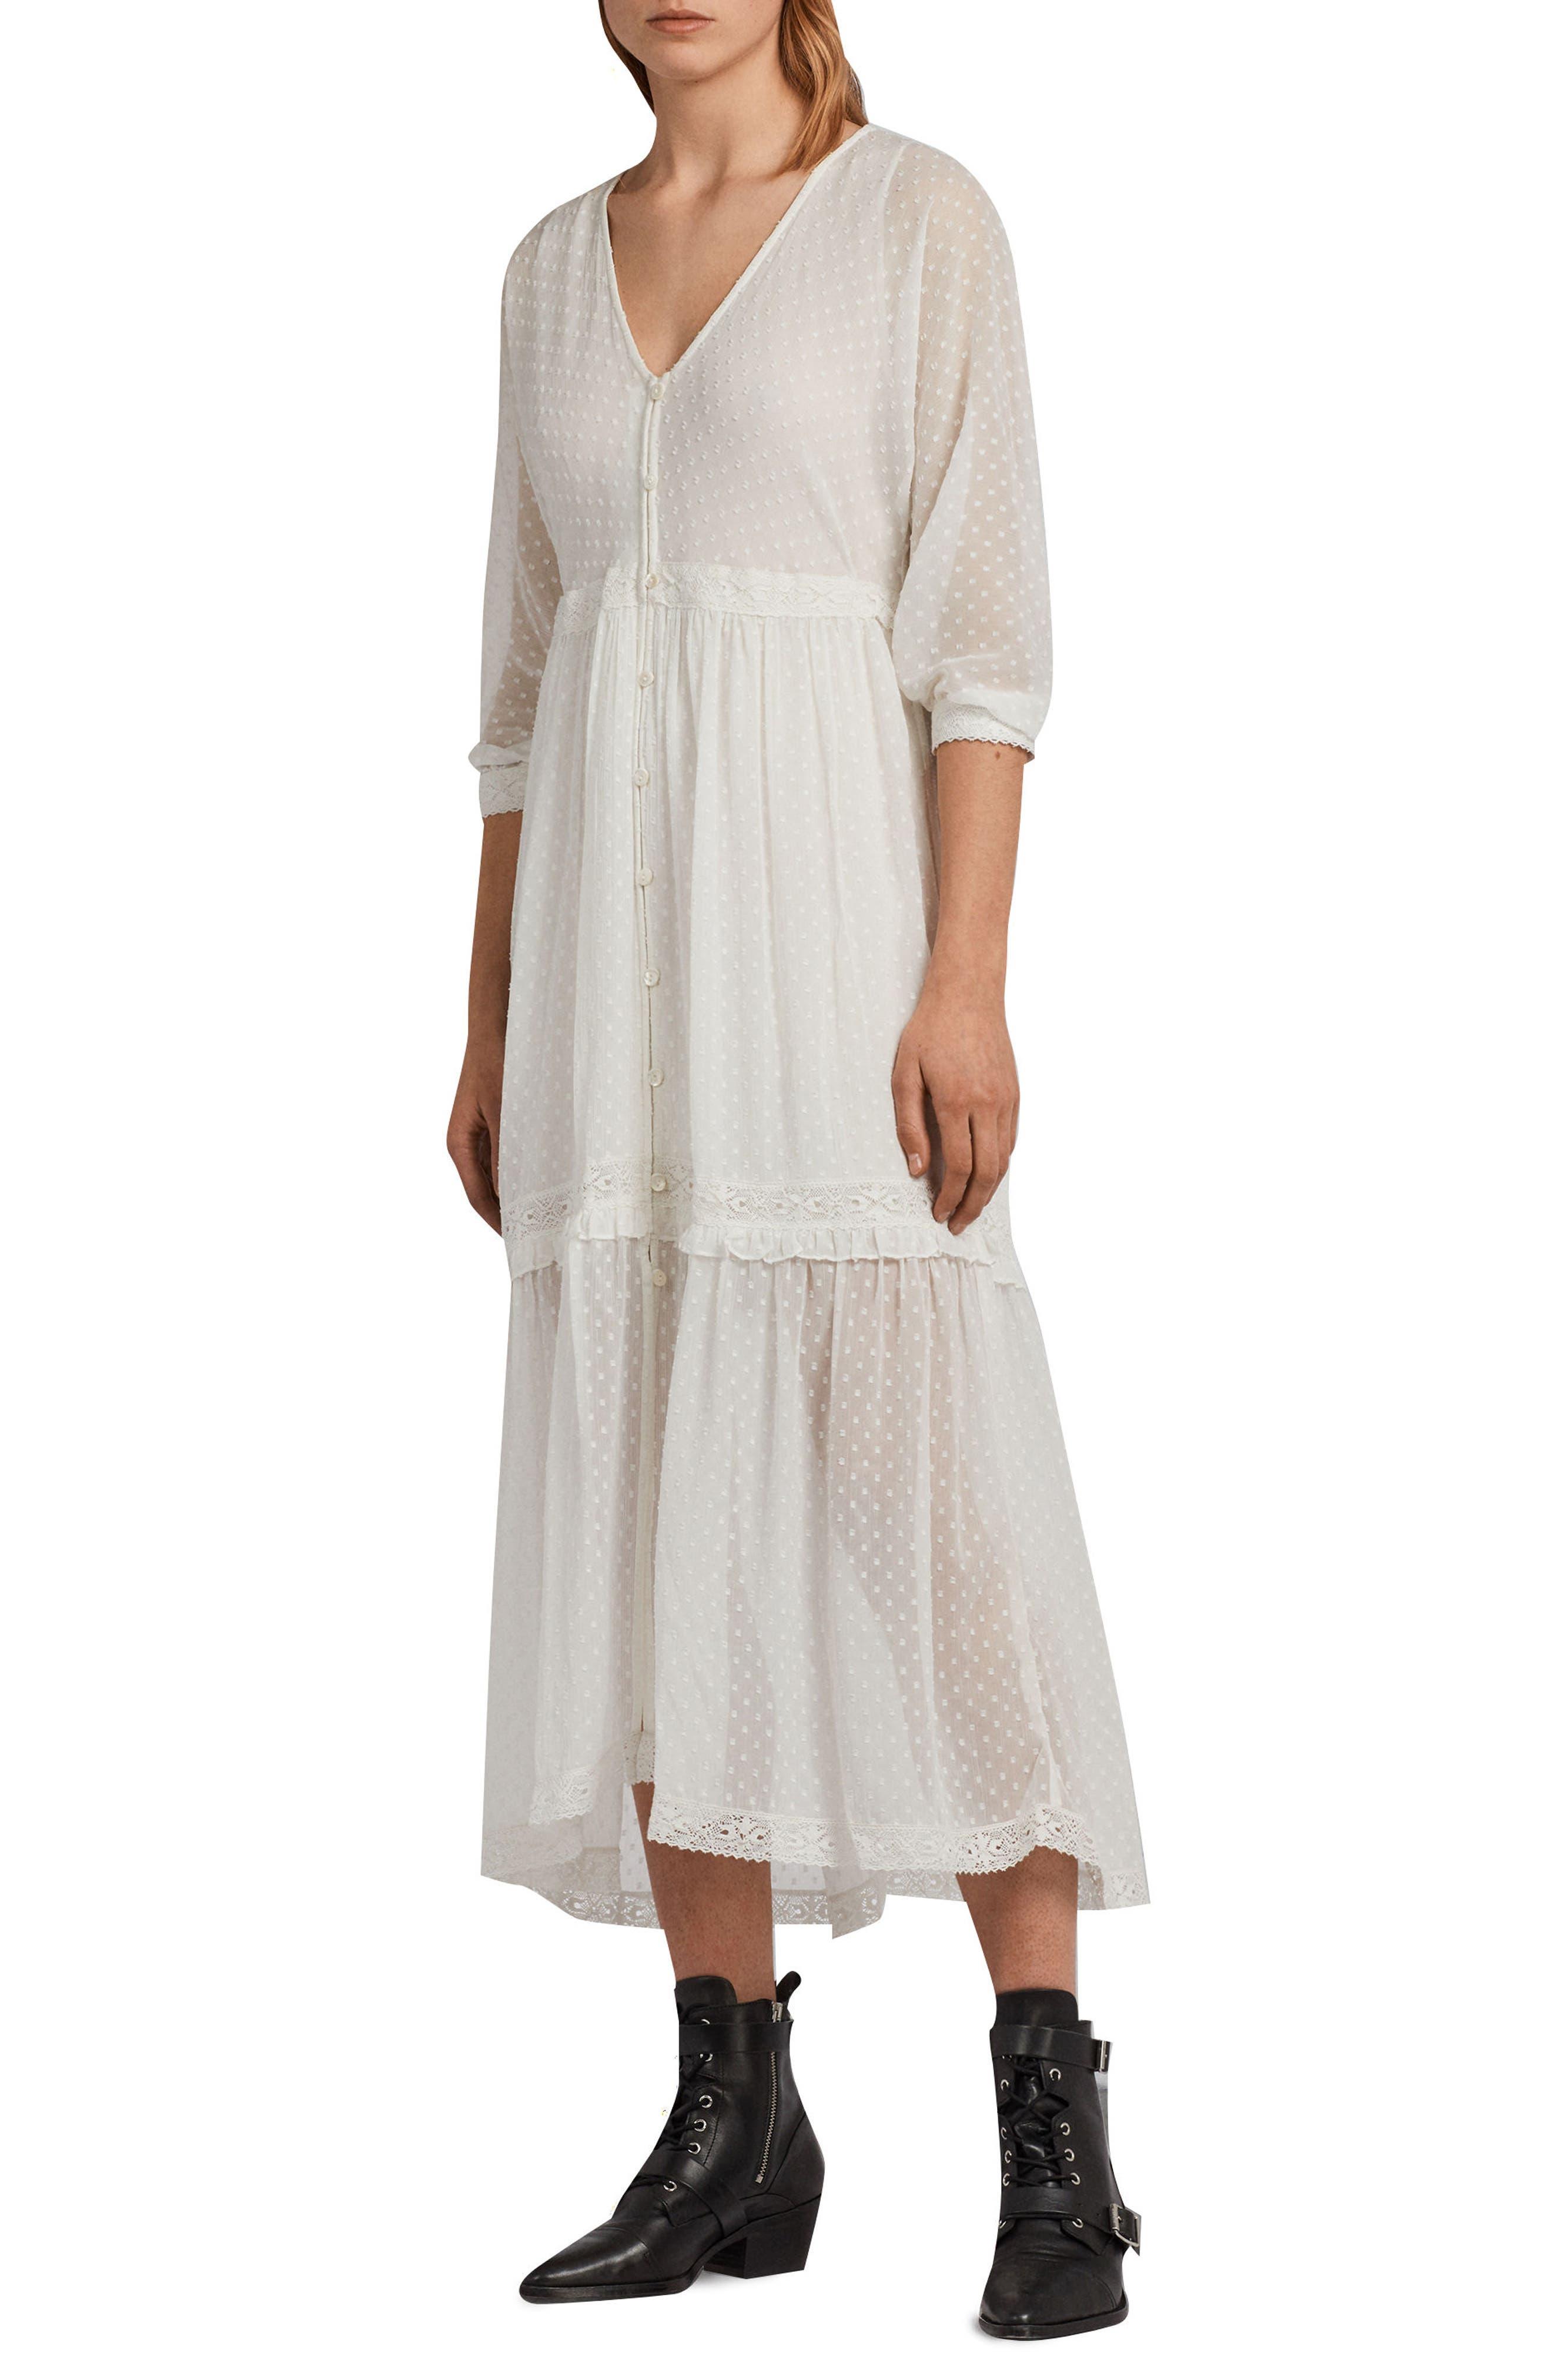 Palma Polka Dot Dress,                         Main,                         color, Chalk White